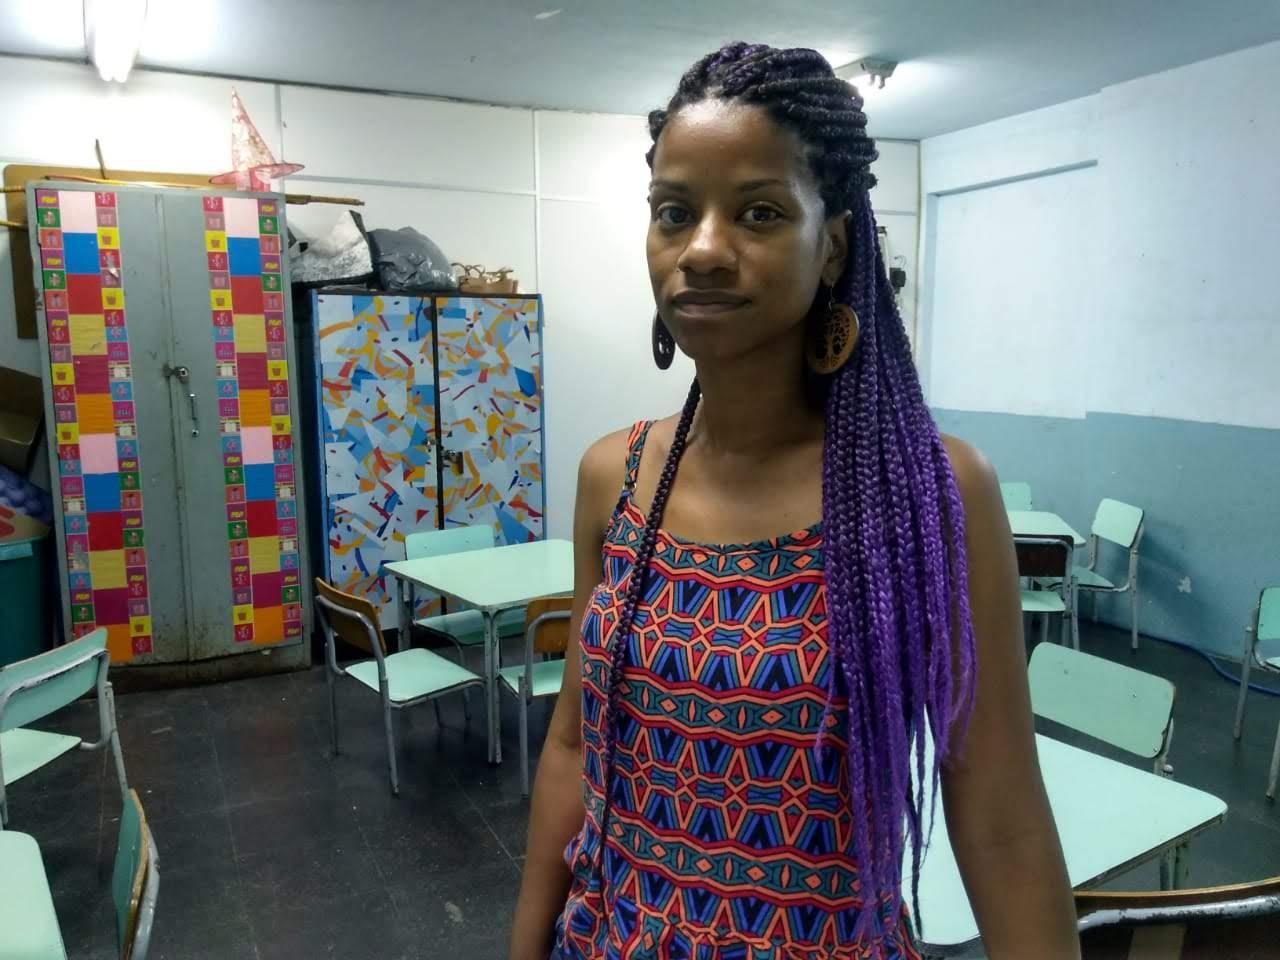 A professora Ísis na escola antes da suspensão das aulas : preocupação com seus alunos e com os estudos do filho de 11 anos (Foto: Dóris Duque)